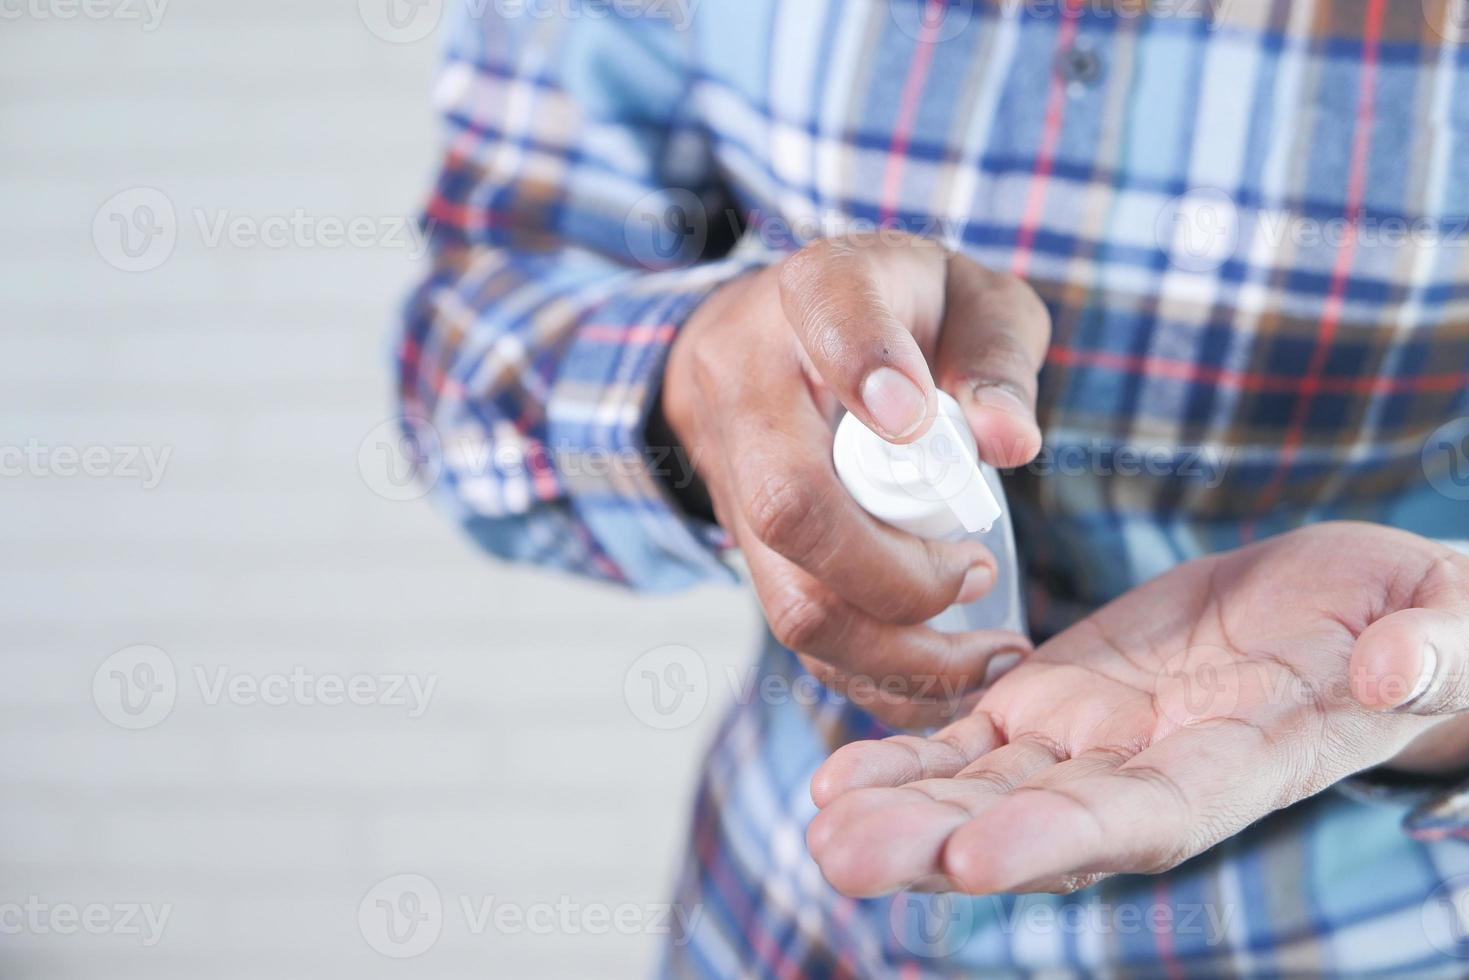 man använder desinfektionsgel för att förebygga virus foto